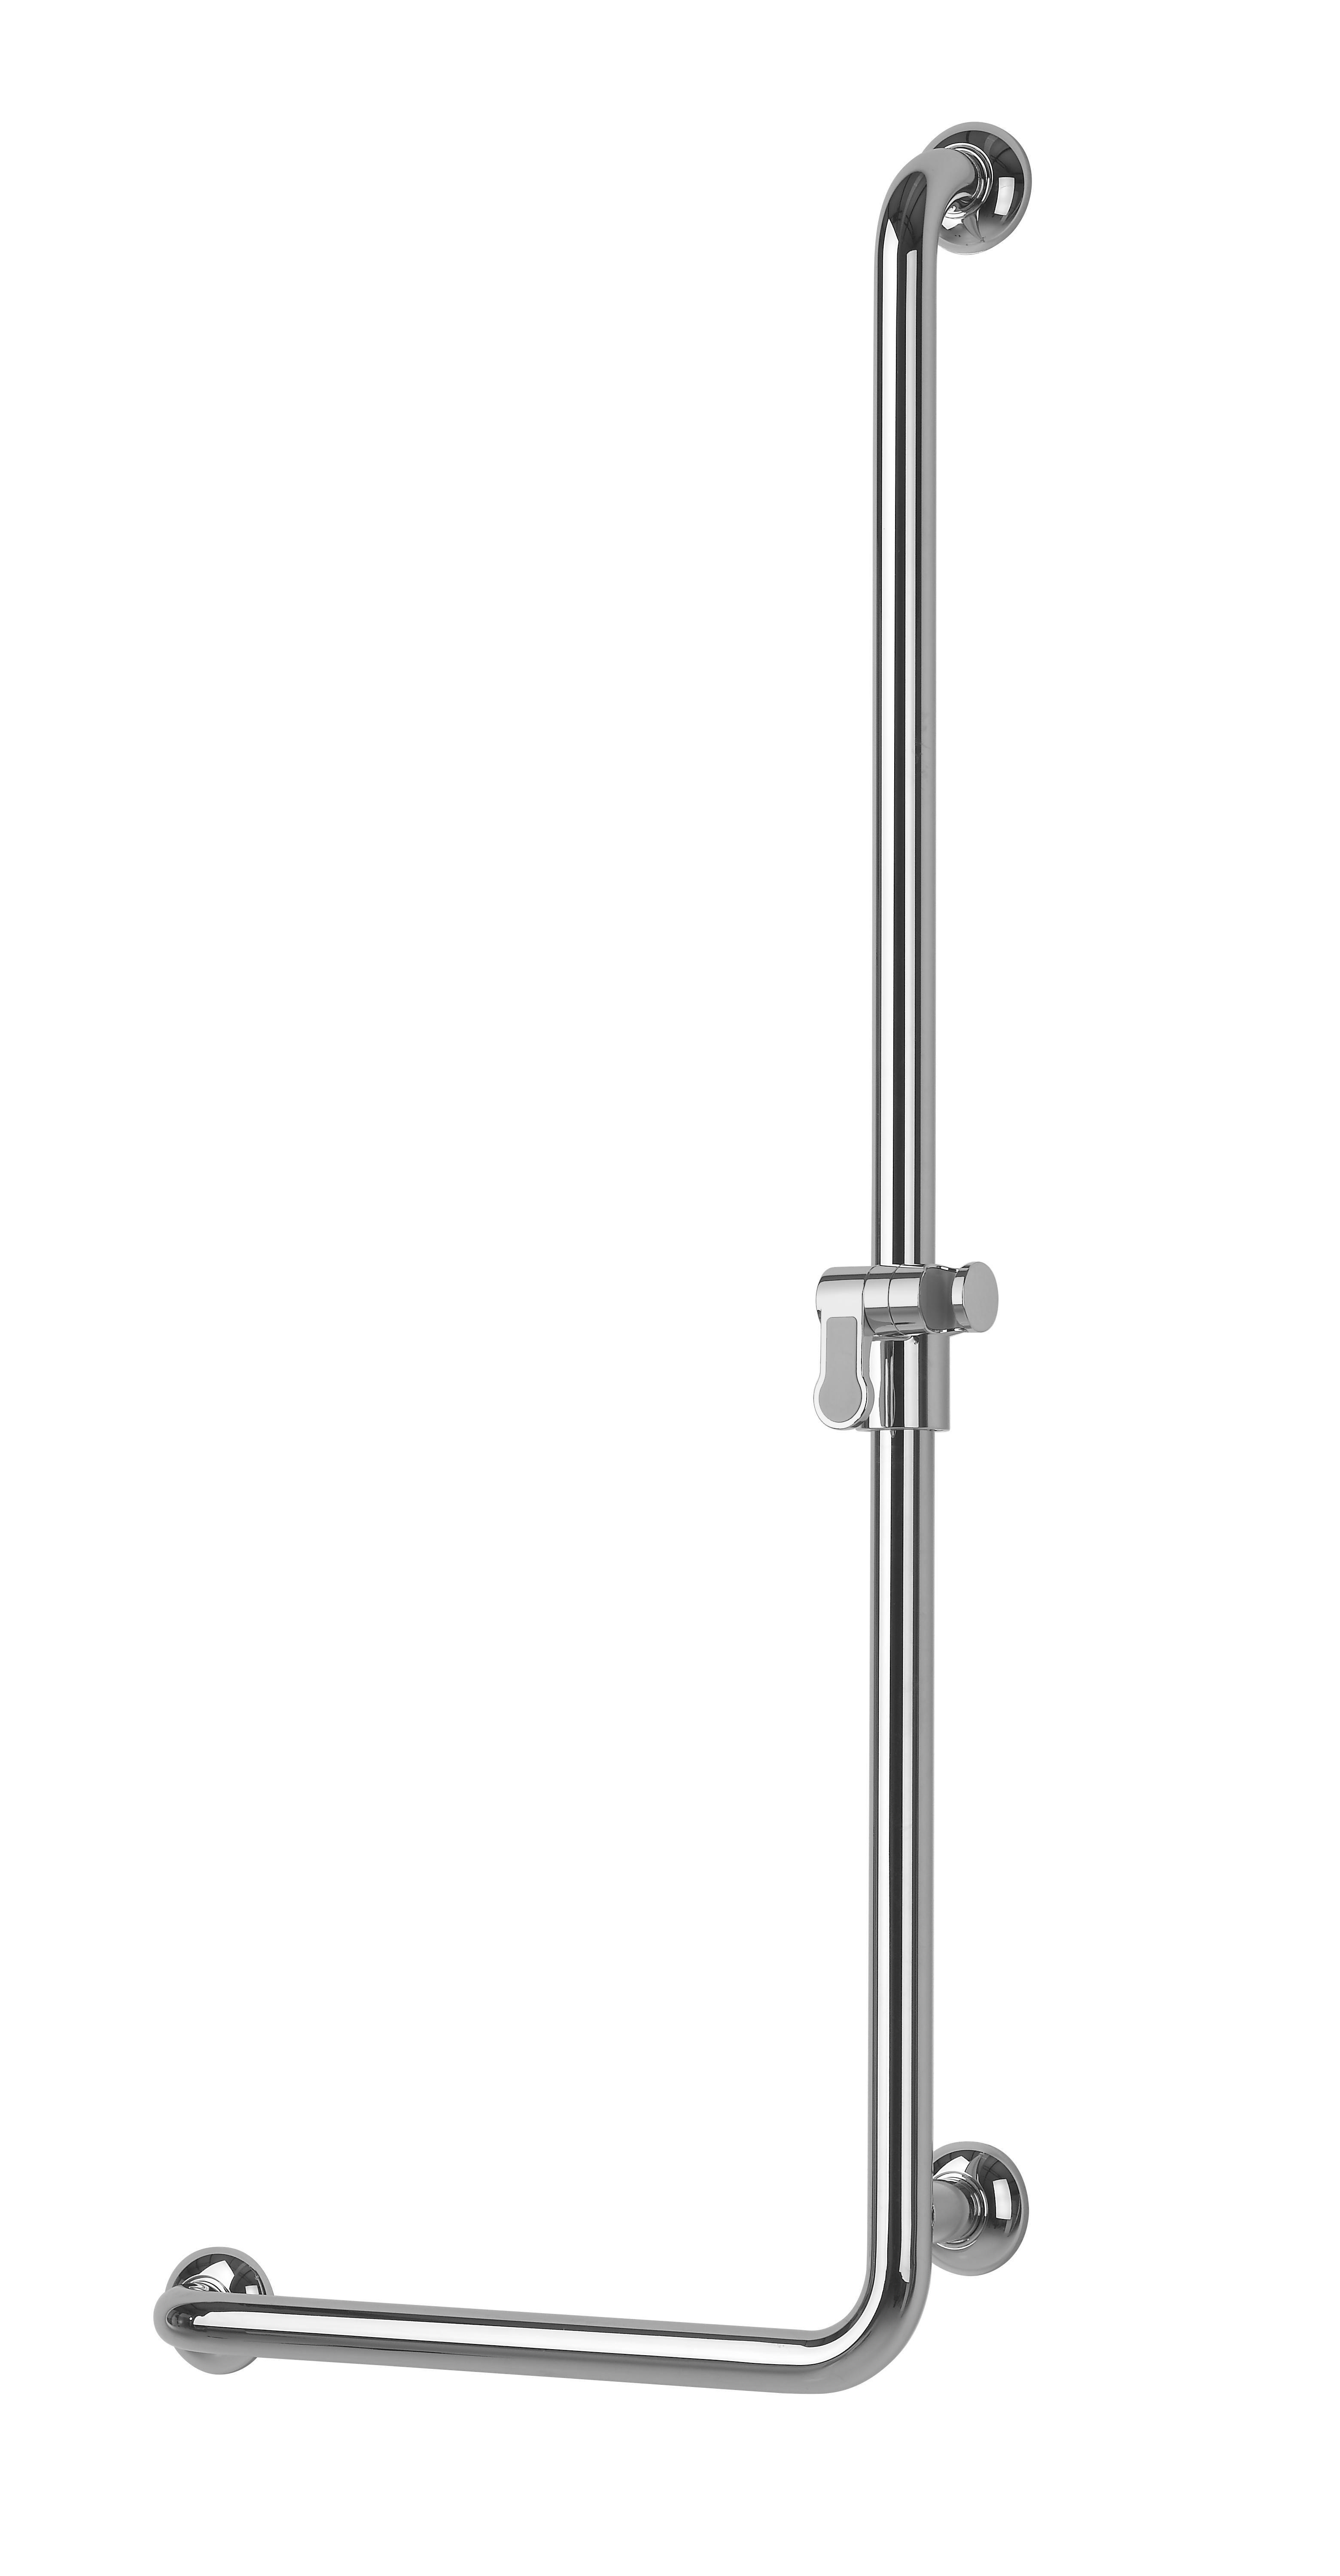 barre de douche en l droite laiton chrom 32 mm. Black Bedroom Furniture Sets. Home Design Ideas